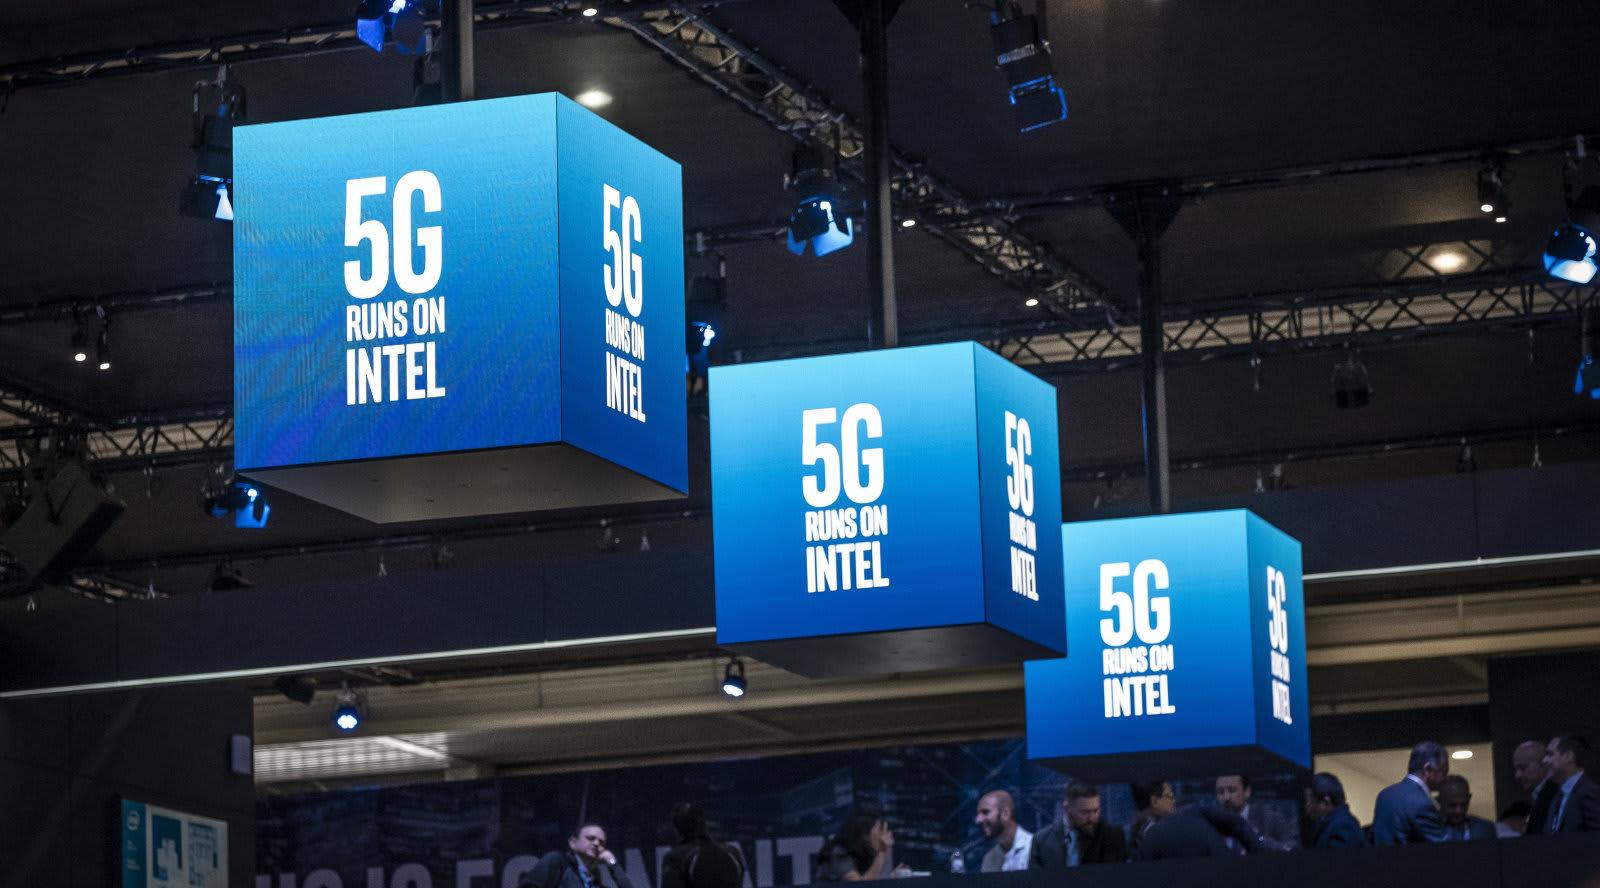 インテル、スマホ向け5Gモデムチップ事業から撤退。アップルvs.クアルコム終結で「収益化への道筋なし」